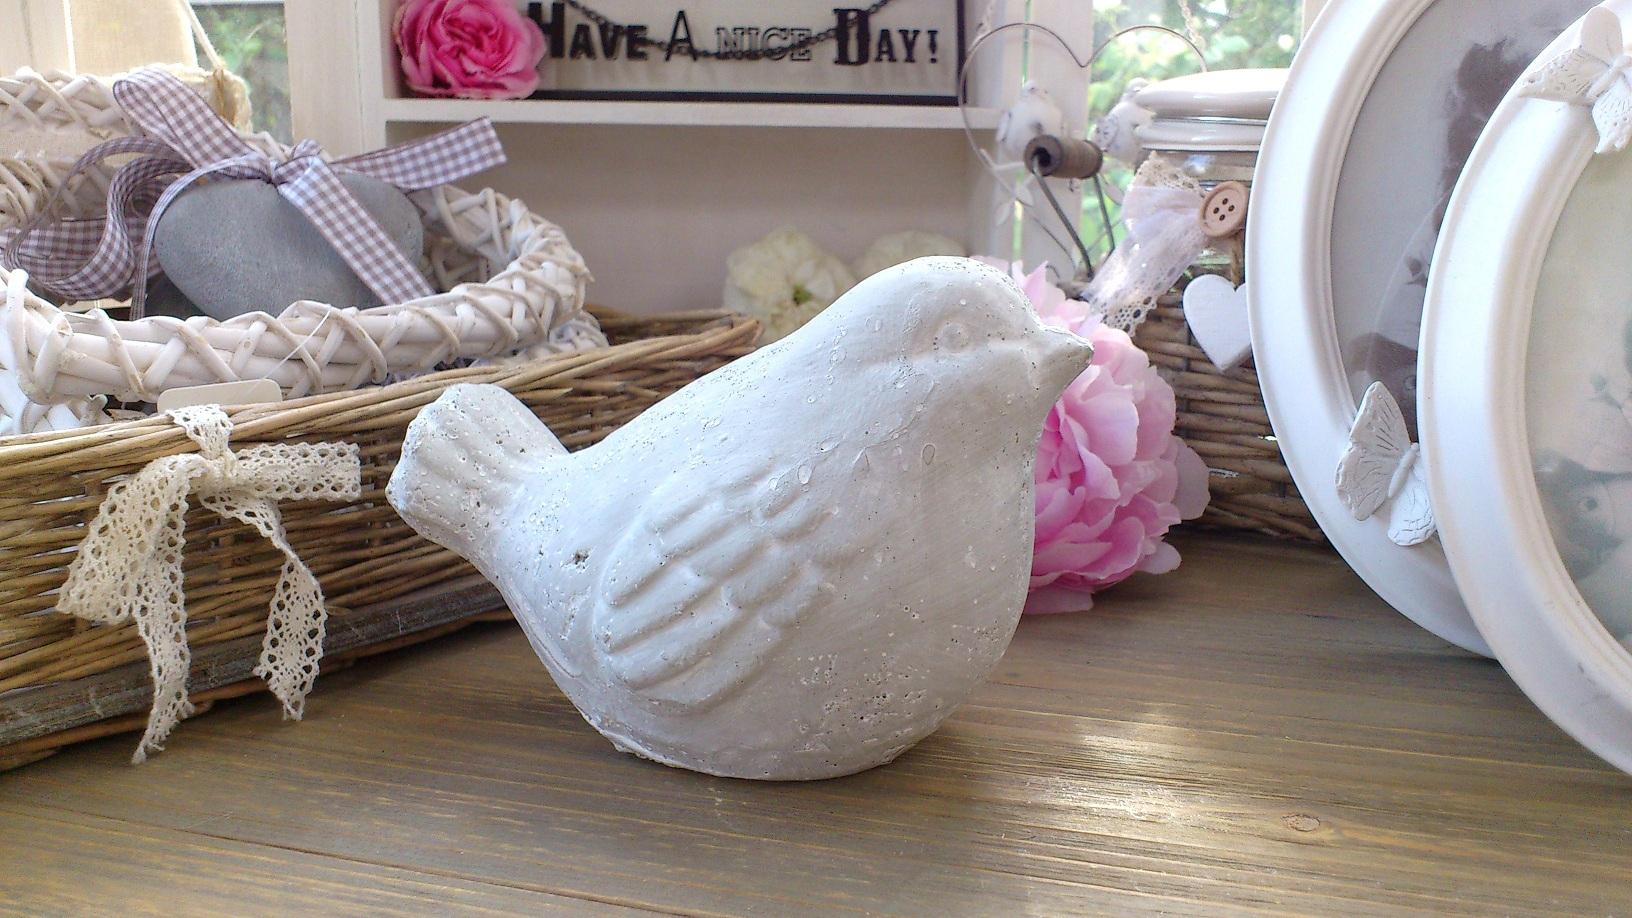 Shibona wohnaccessoires naturkosmetik mehr steinvogel sitzend dekovogel gartenfigur for Terracotta gartendekoration